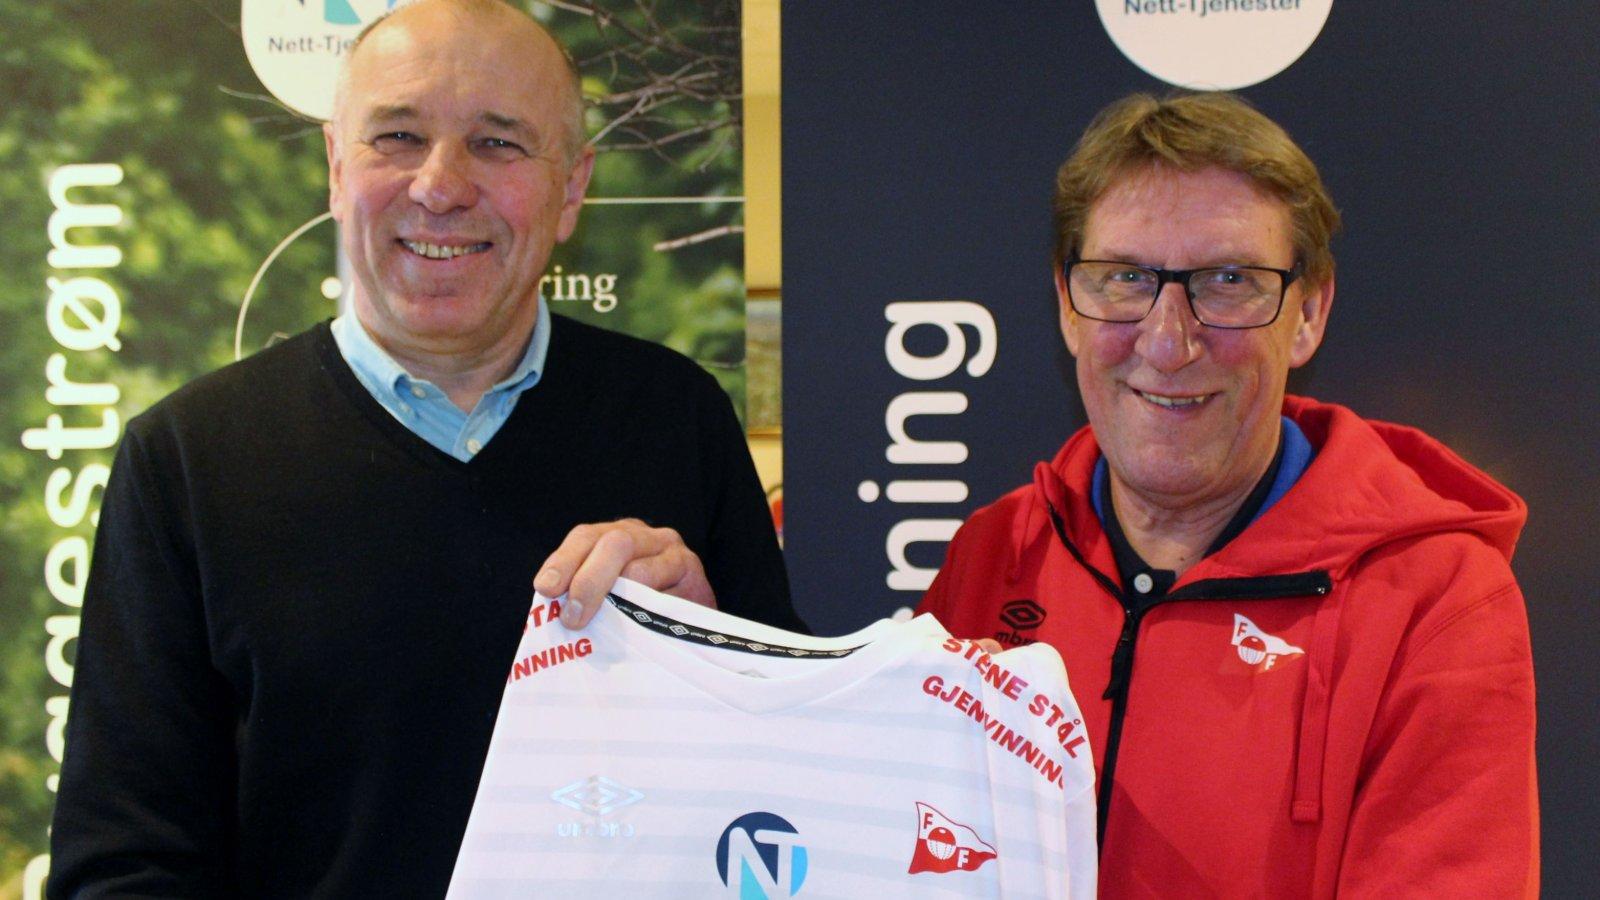 Nett-Tjenester ved Arild Johnsen og FFK ved Robert Nilsson signerte ny avtale for 2017-sesongen.